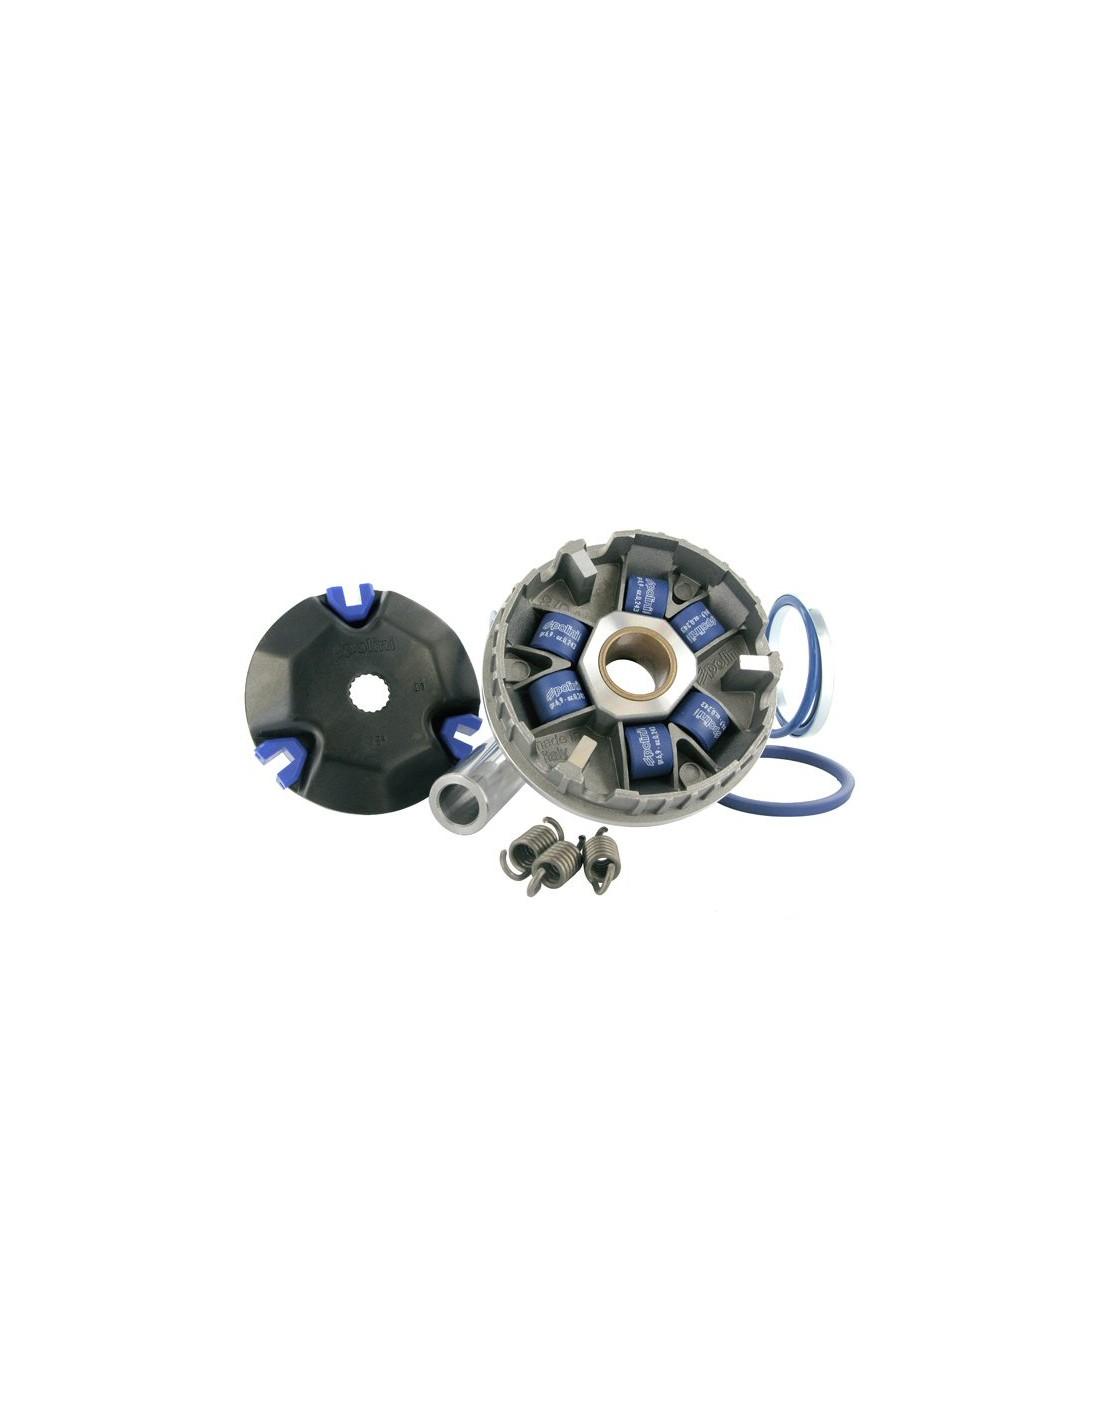 s.40080/ /Radiatore Tubo/ /PER MOLTI Tipi di trattori Massey Ferguson //Ø 23/mm/